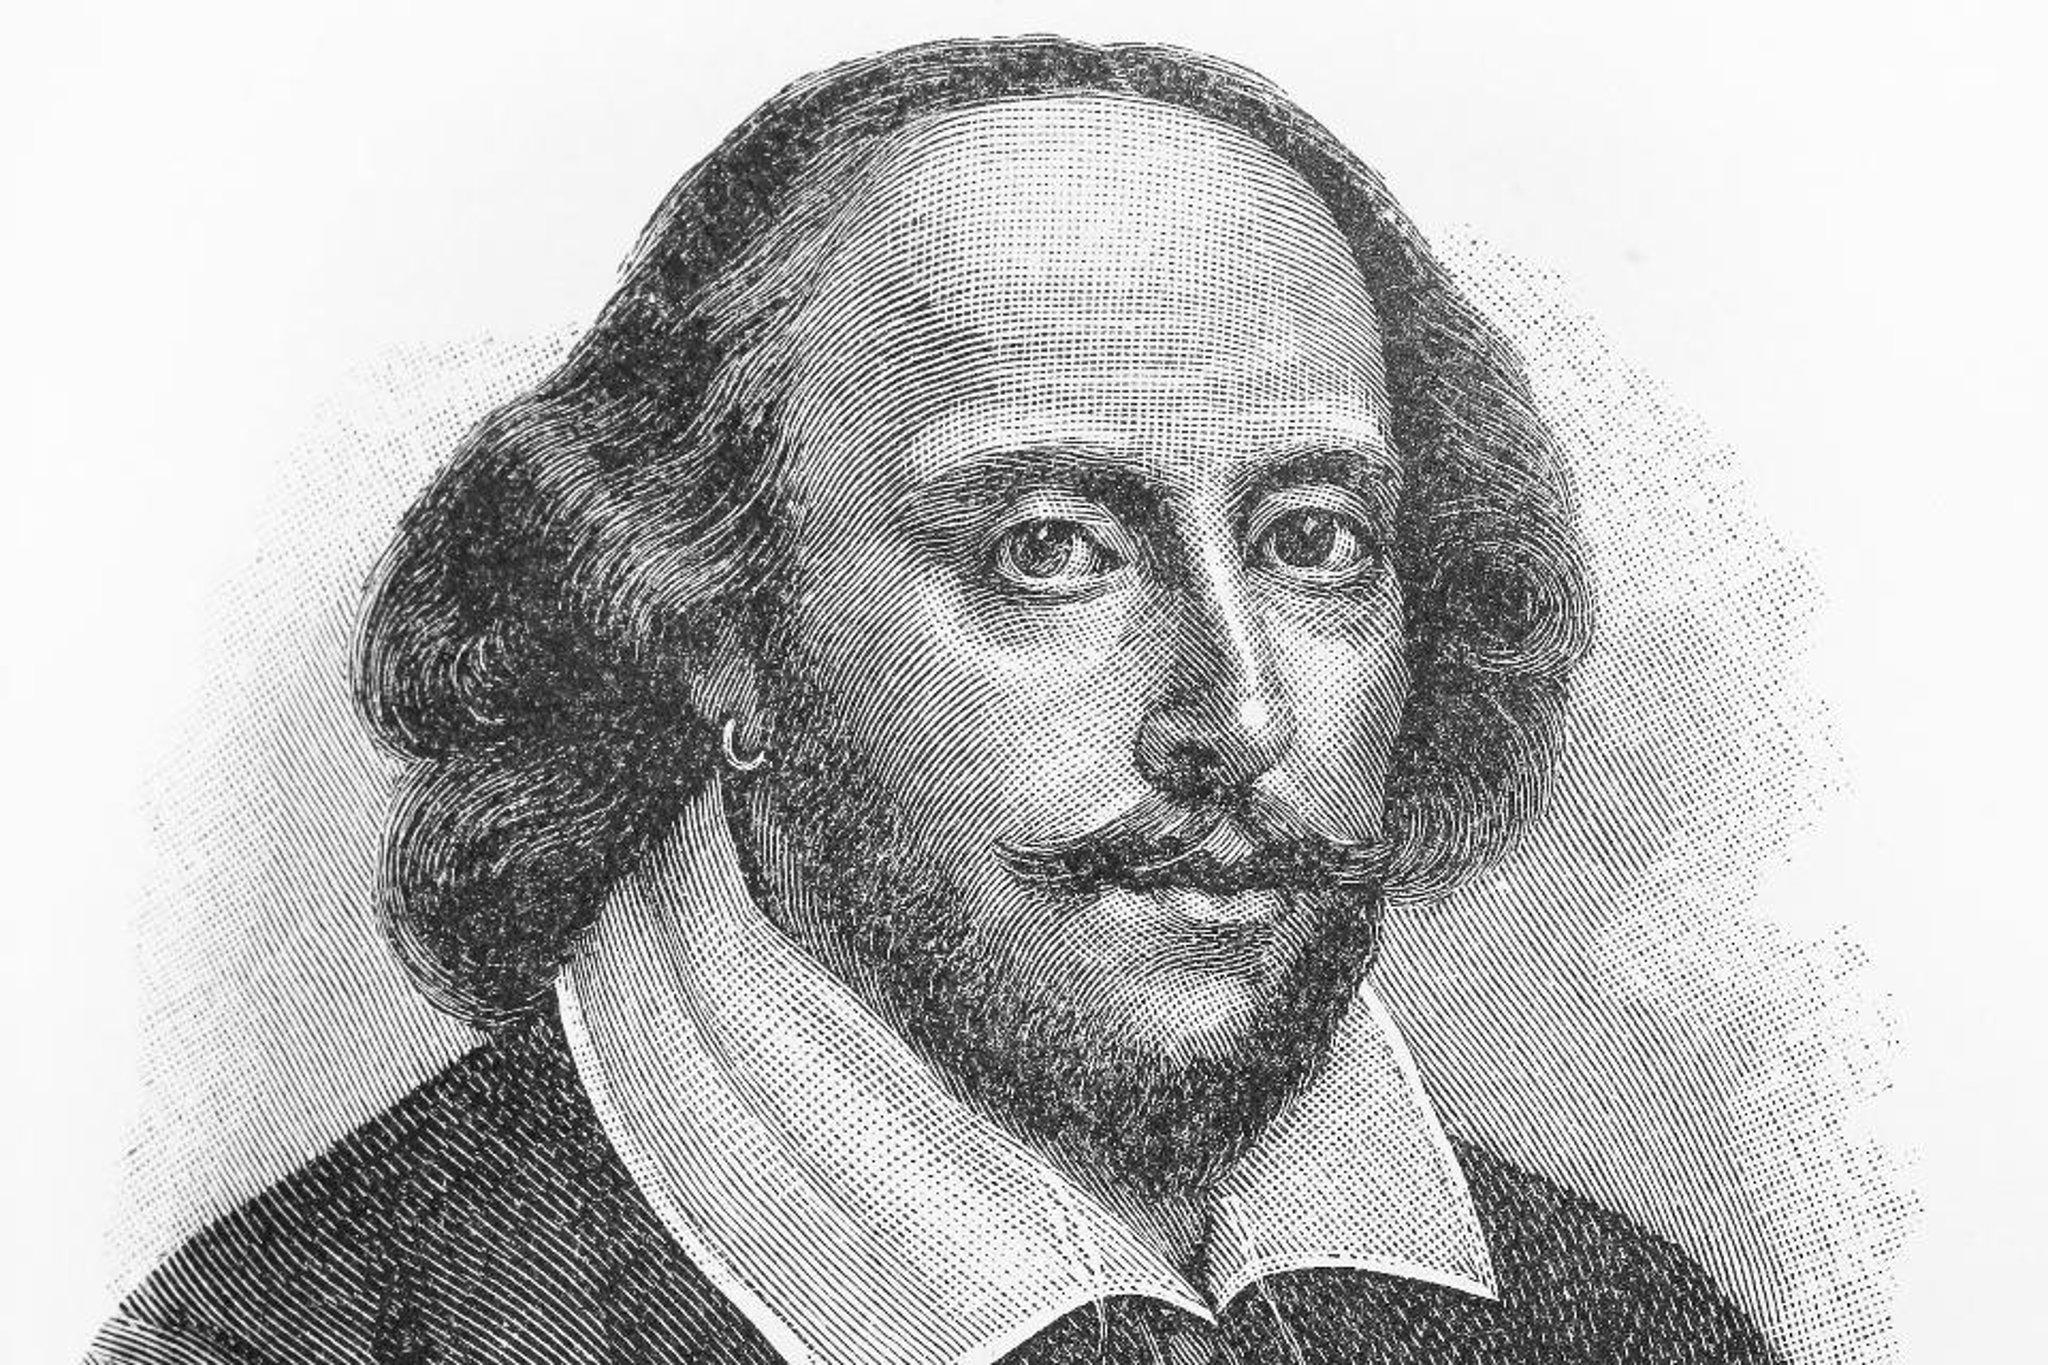 Litographs | William Shakespeare